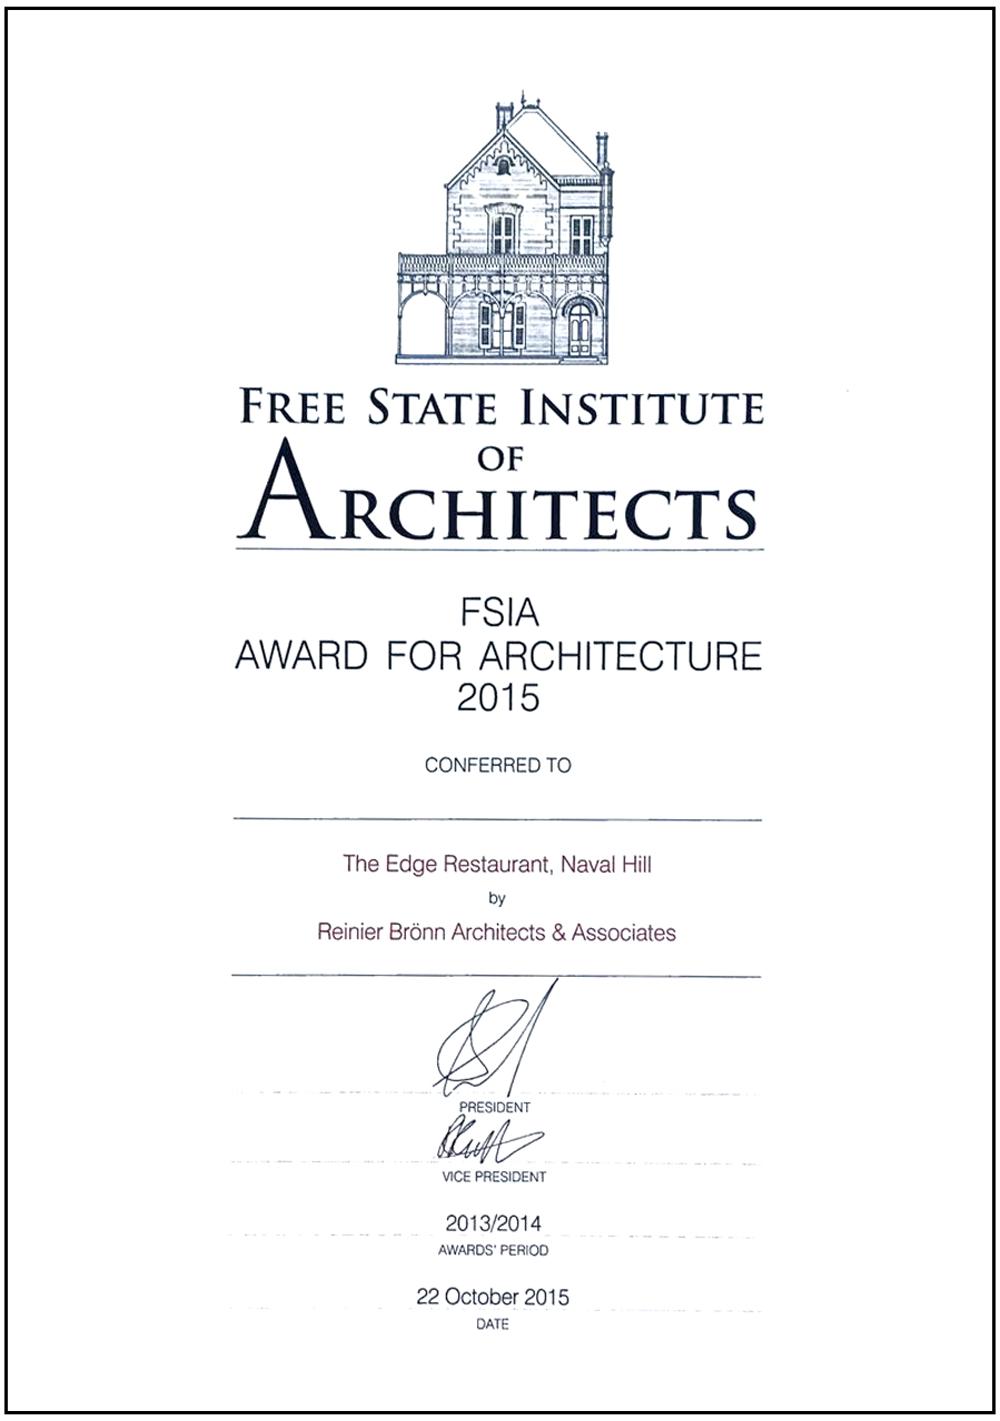 FSAI-Award